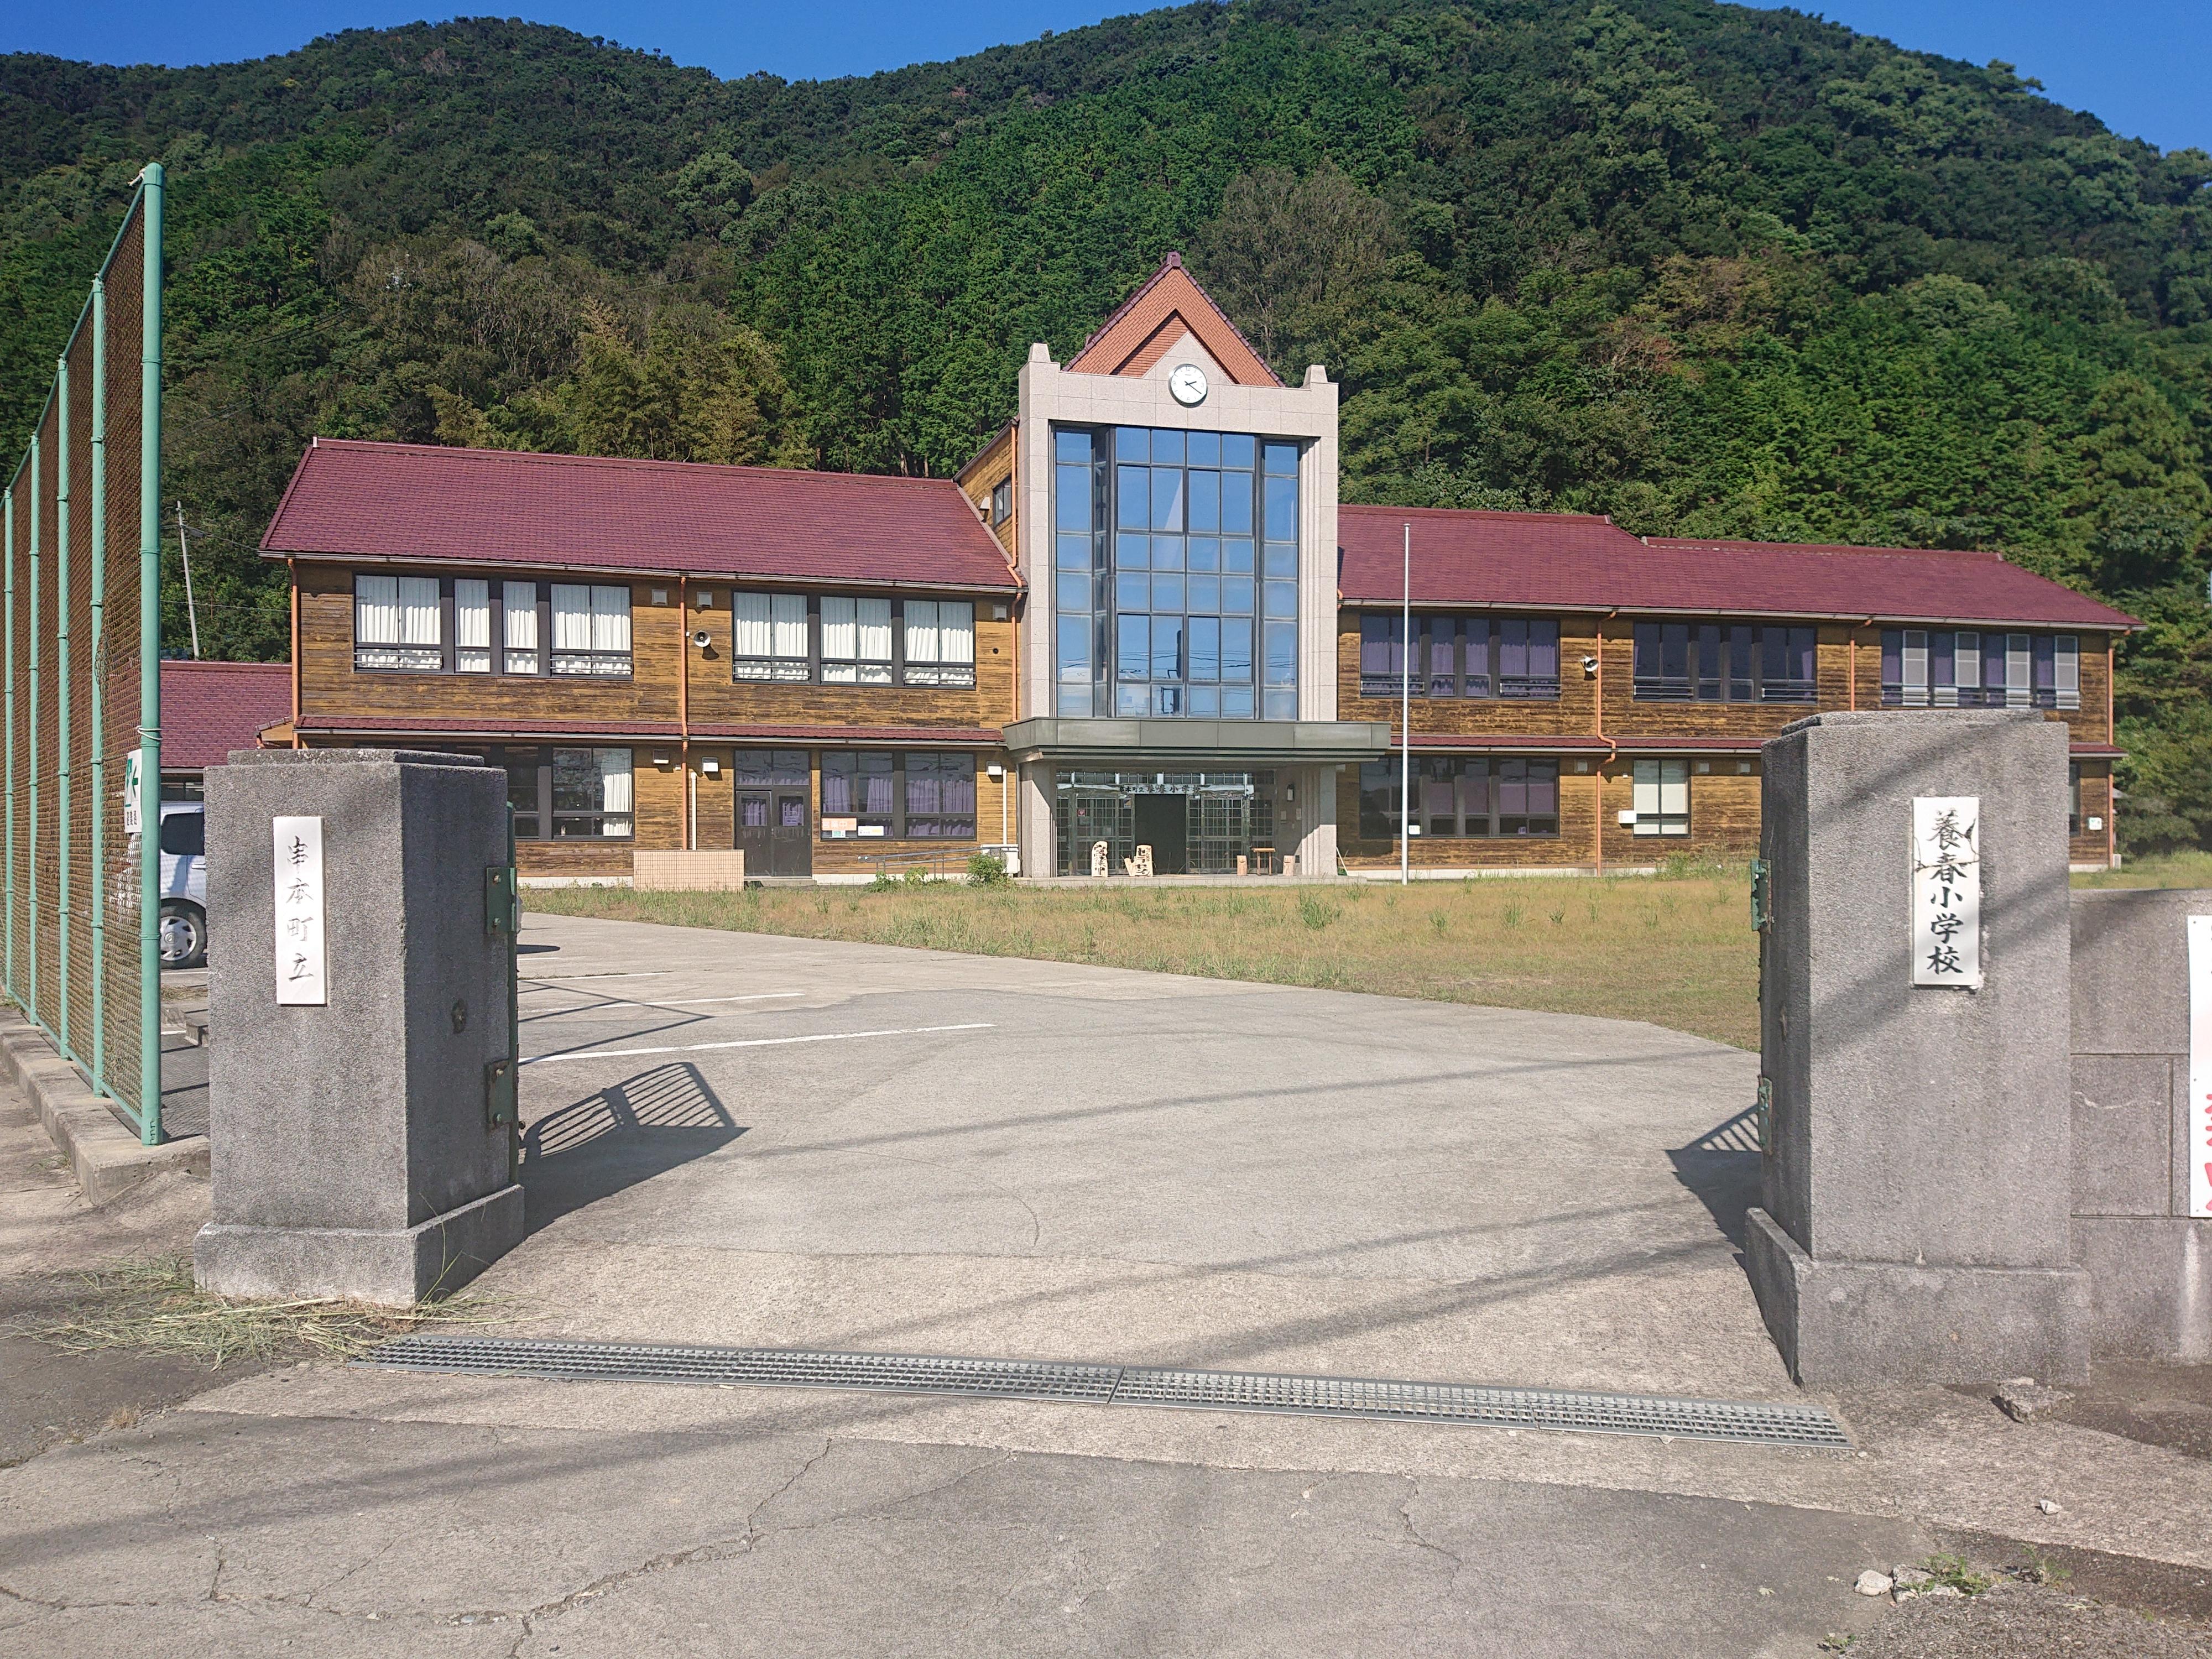 写真:廃校校舎が洋菓子店に華麗に変身!!(1枚目)